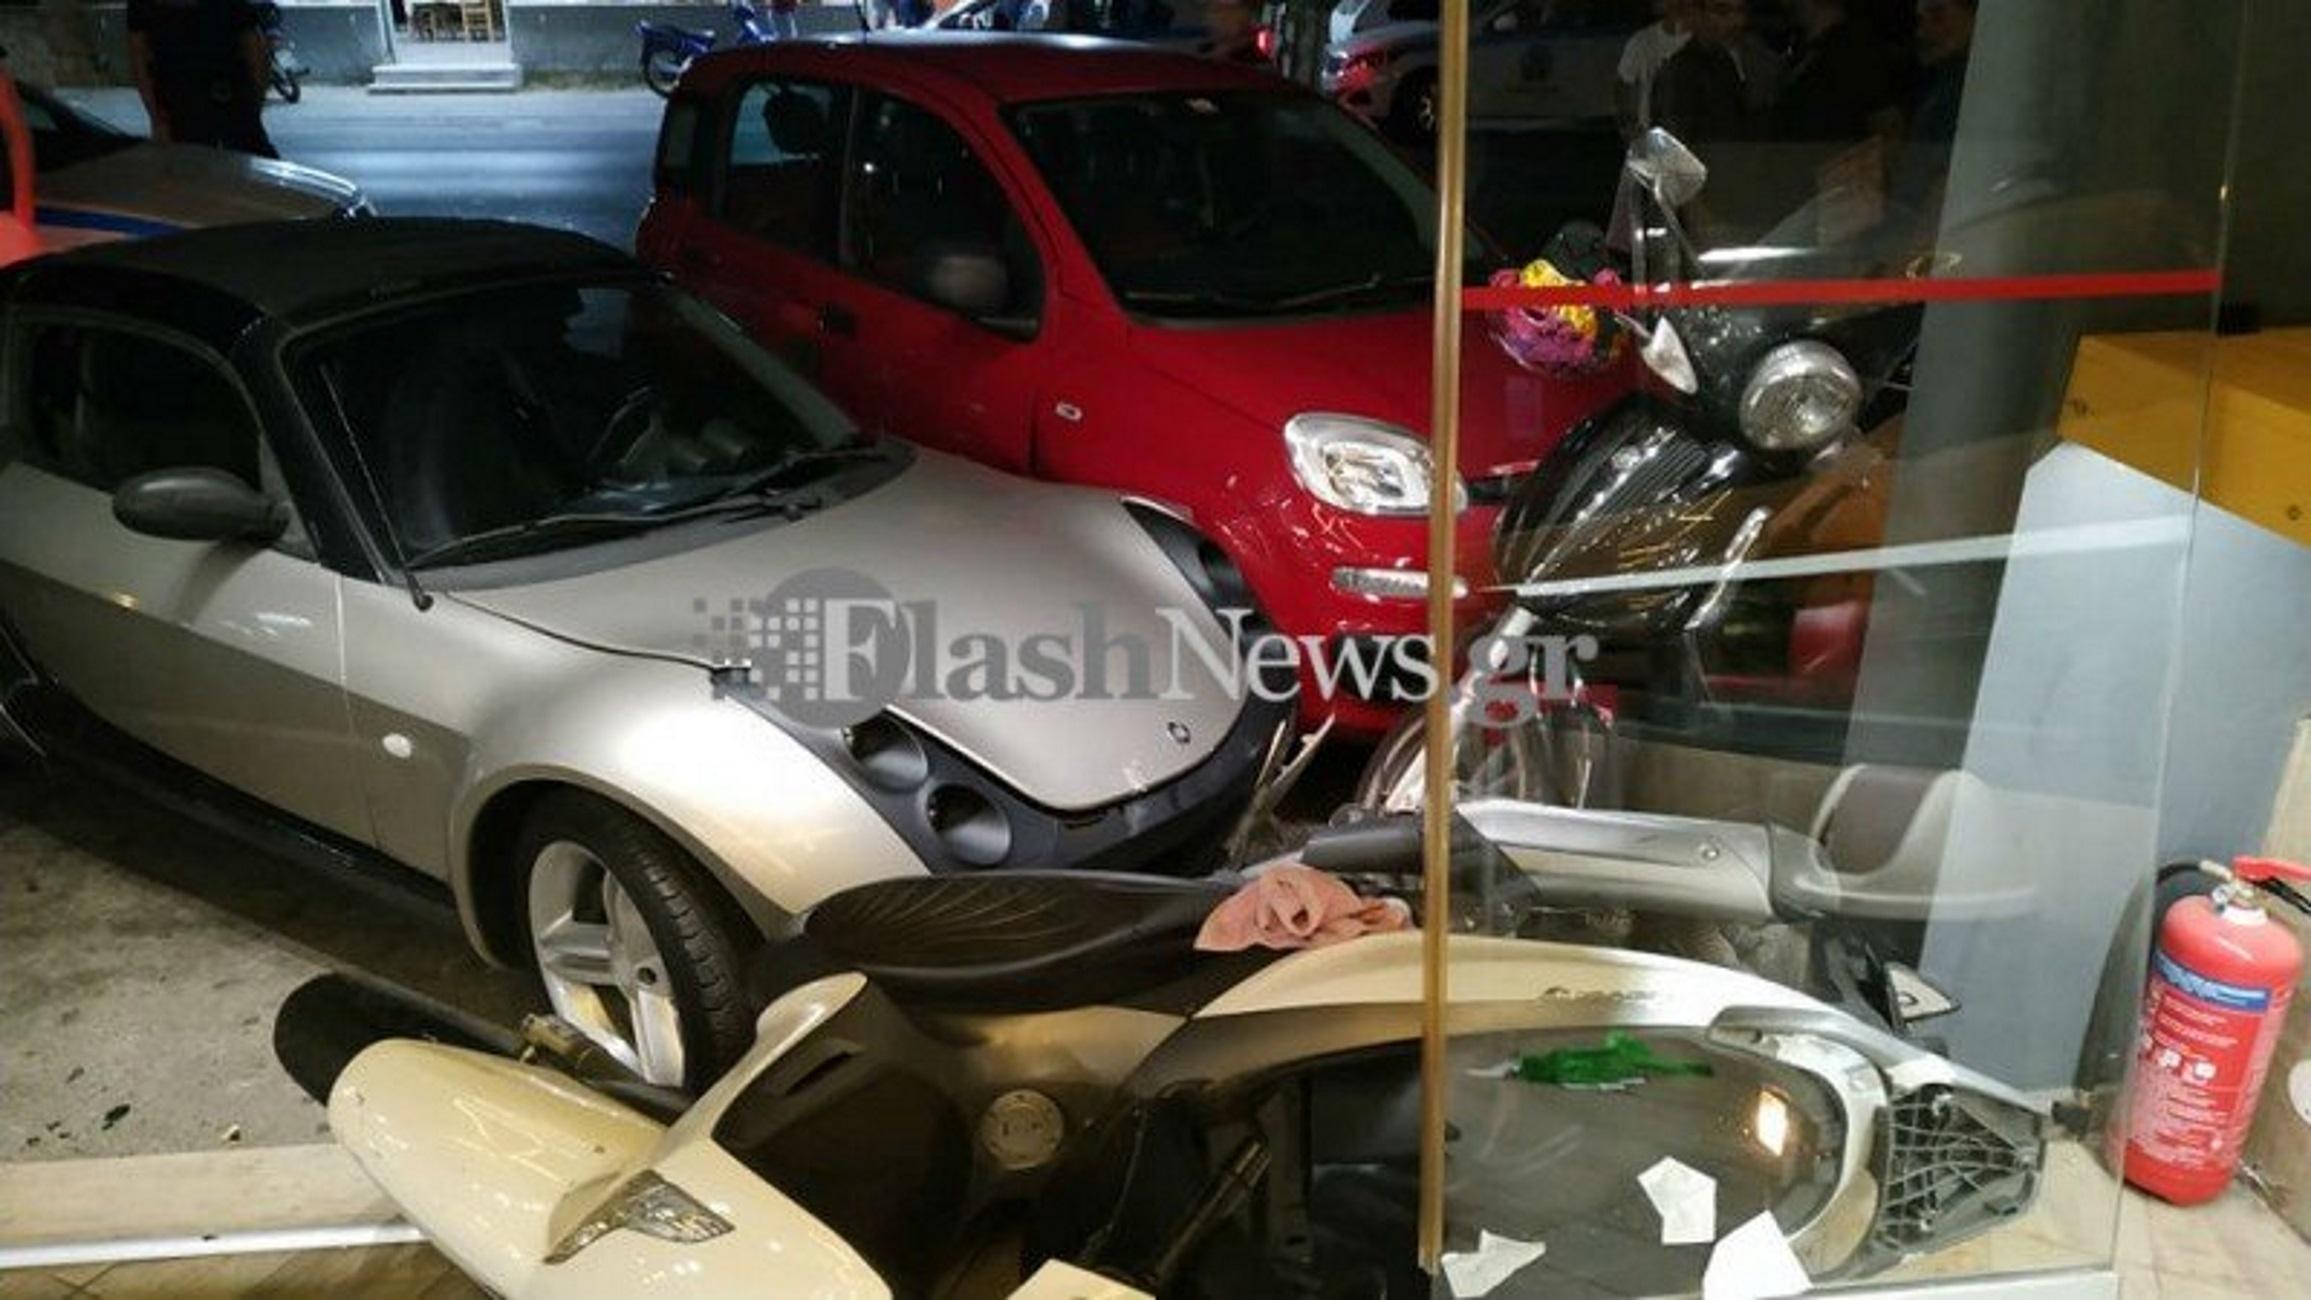 Χανιά: Έτρωγαν και έβλεπαν το ασημί αυτοκίνητο να έρχεται σκόπιμα κατά πάνω τους! Πανικός στο κατάστημα (Φωτό)